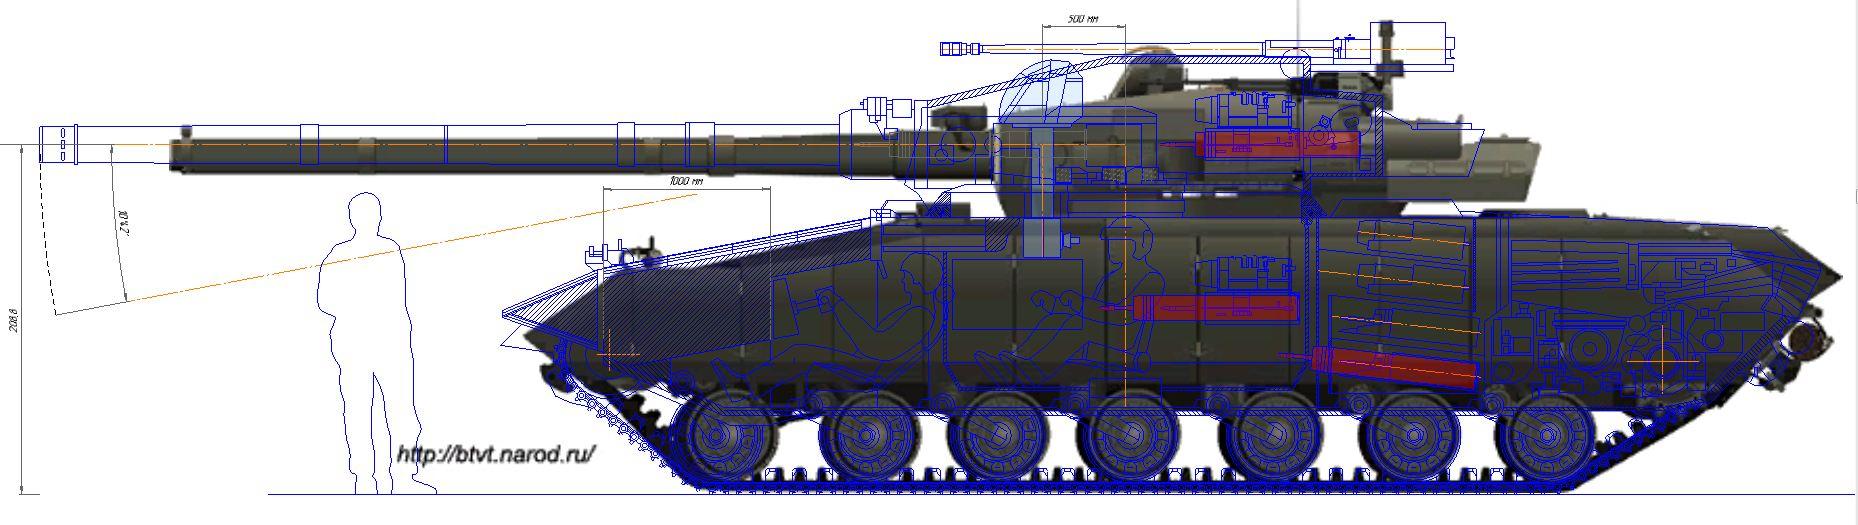 RLz1V.jpg